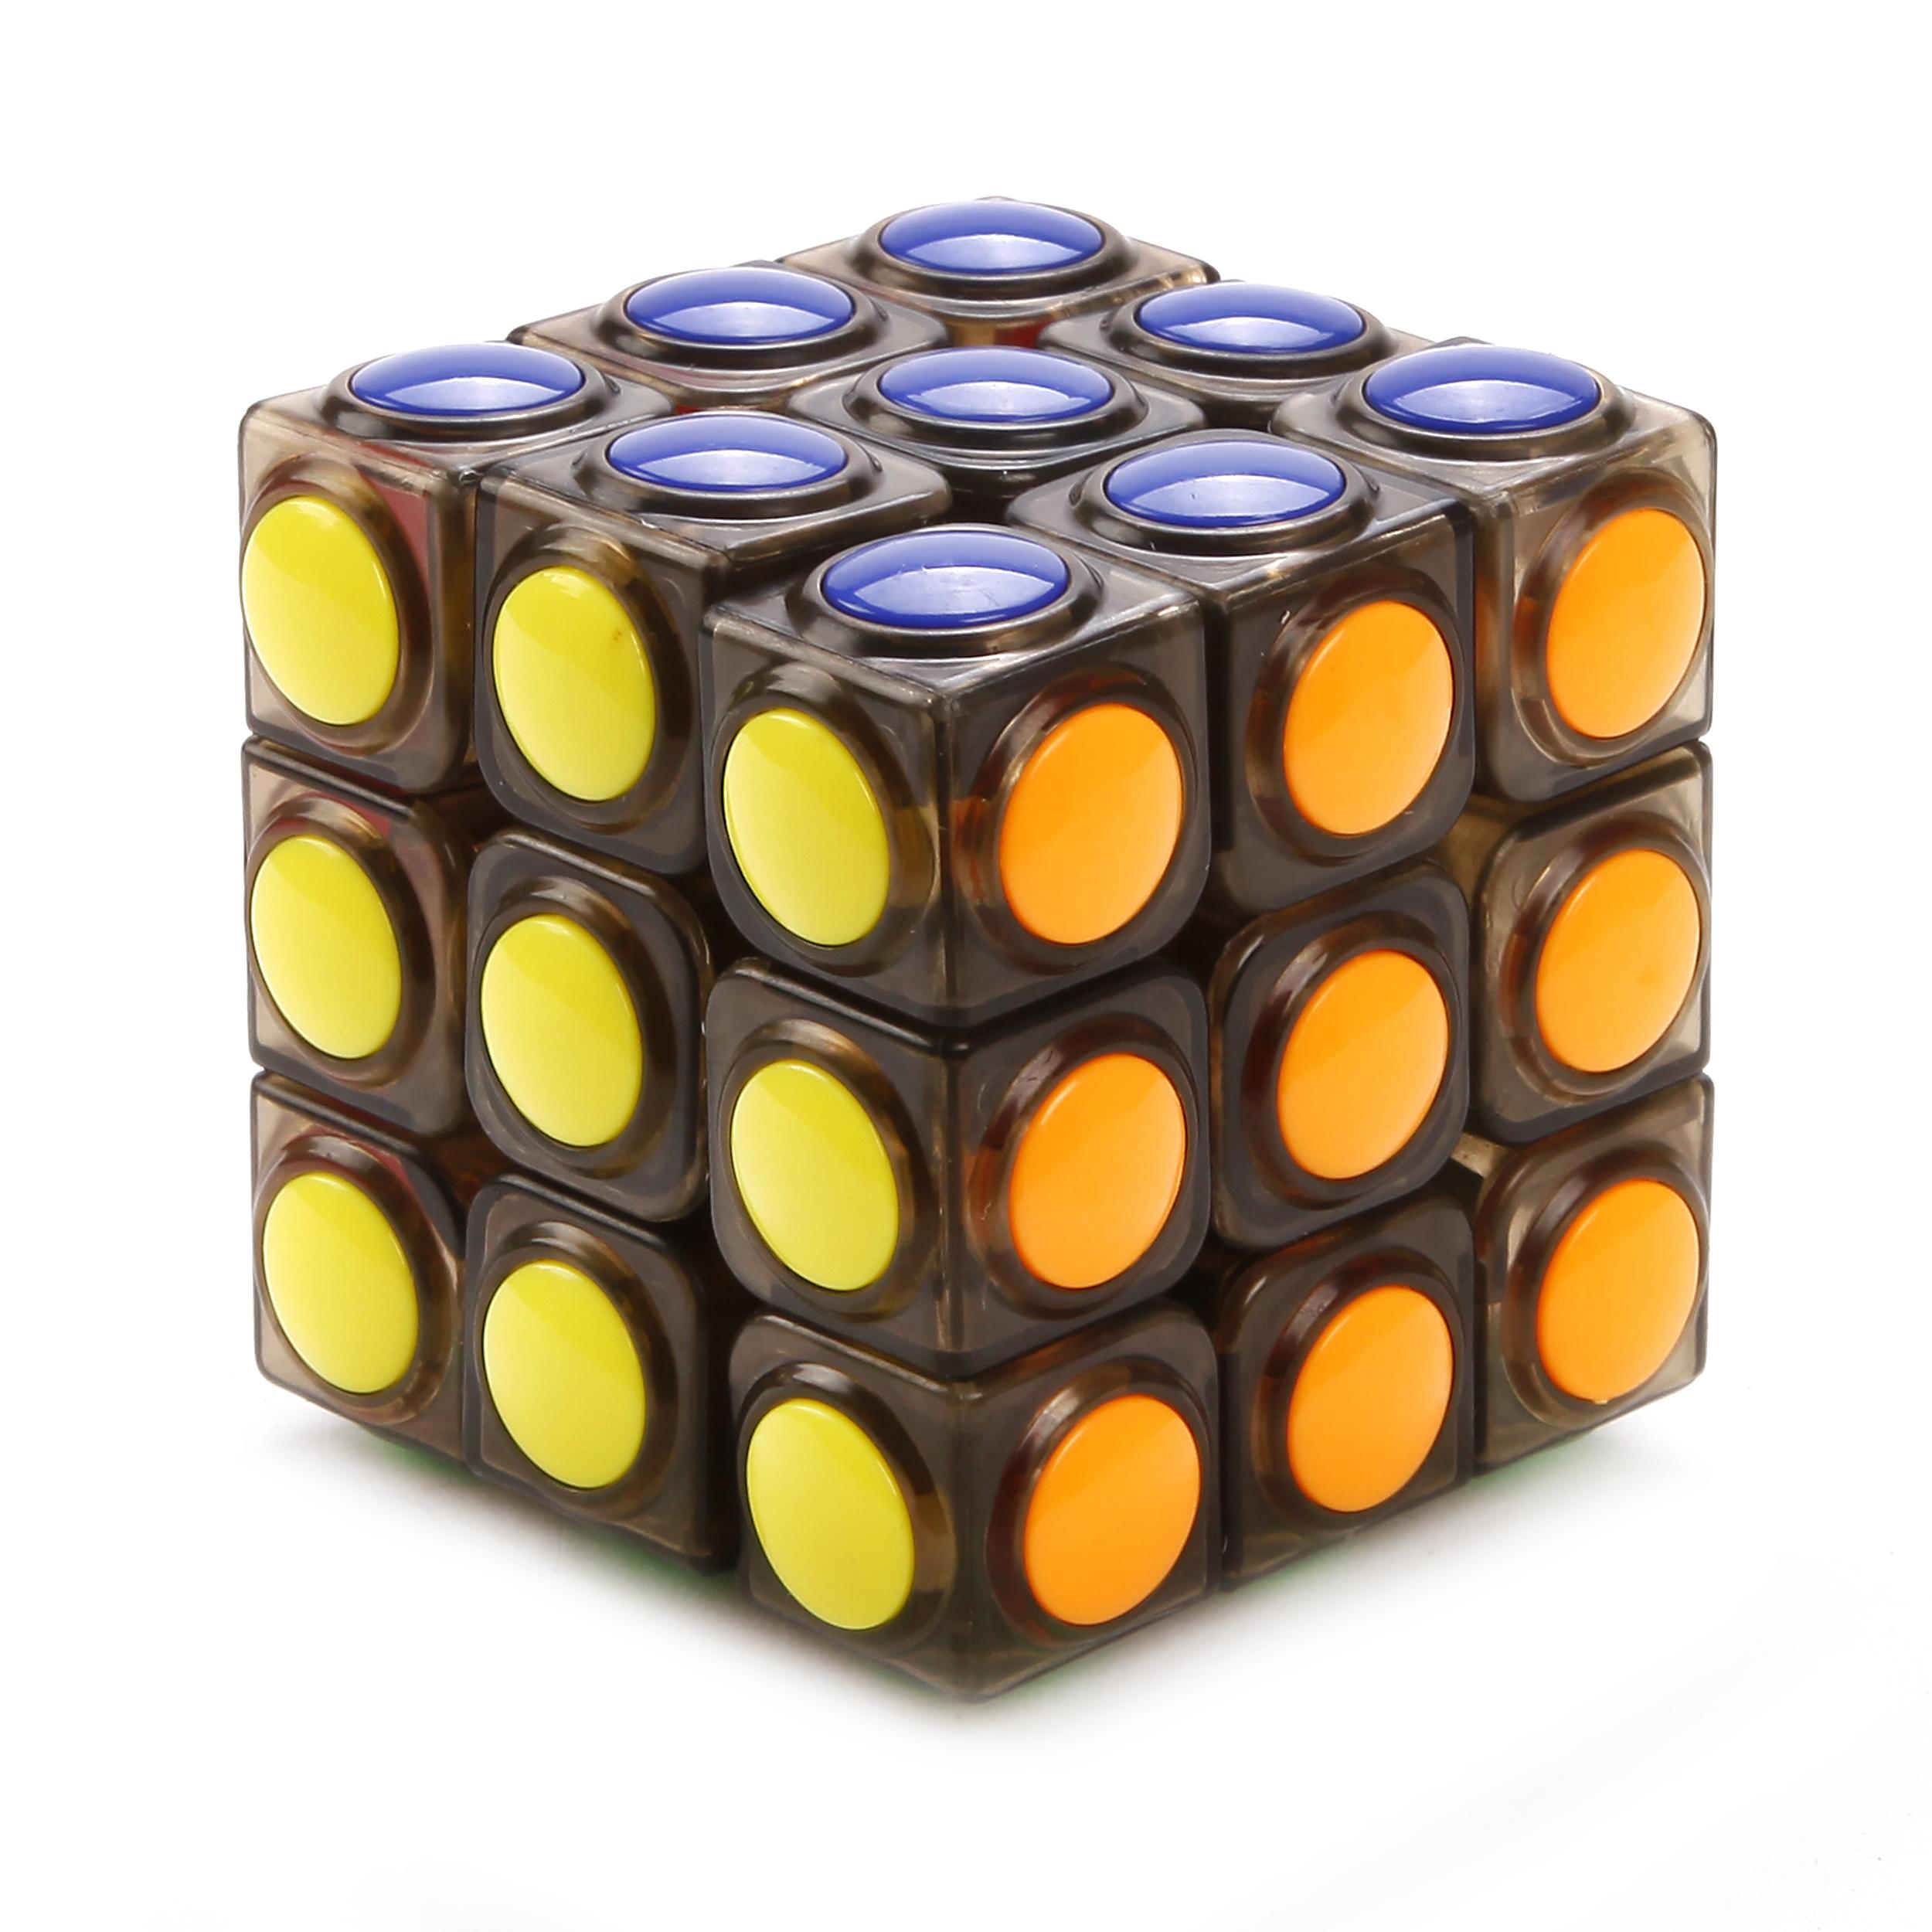 Головоломки Наша игрушка Головоломка Наша игрушка ««КубиКубс: Куб-лед» 5,5 см игрушка